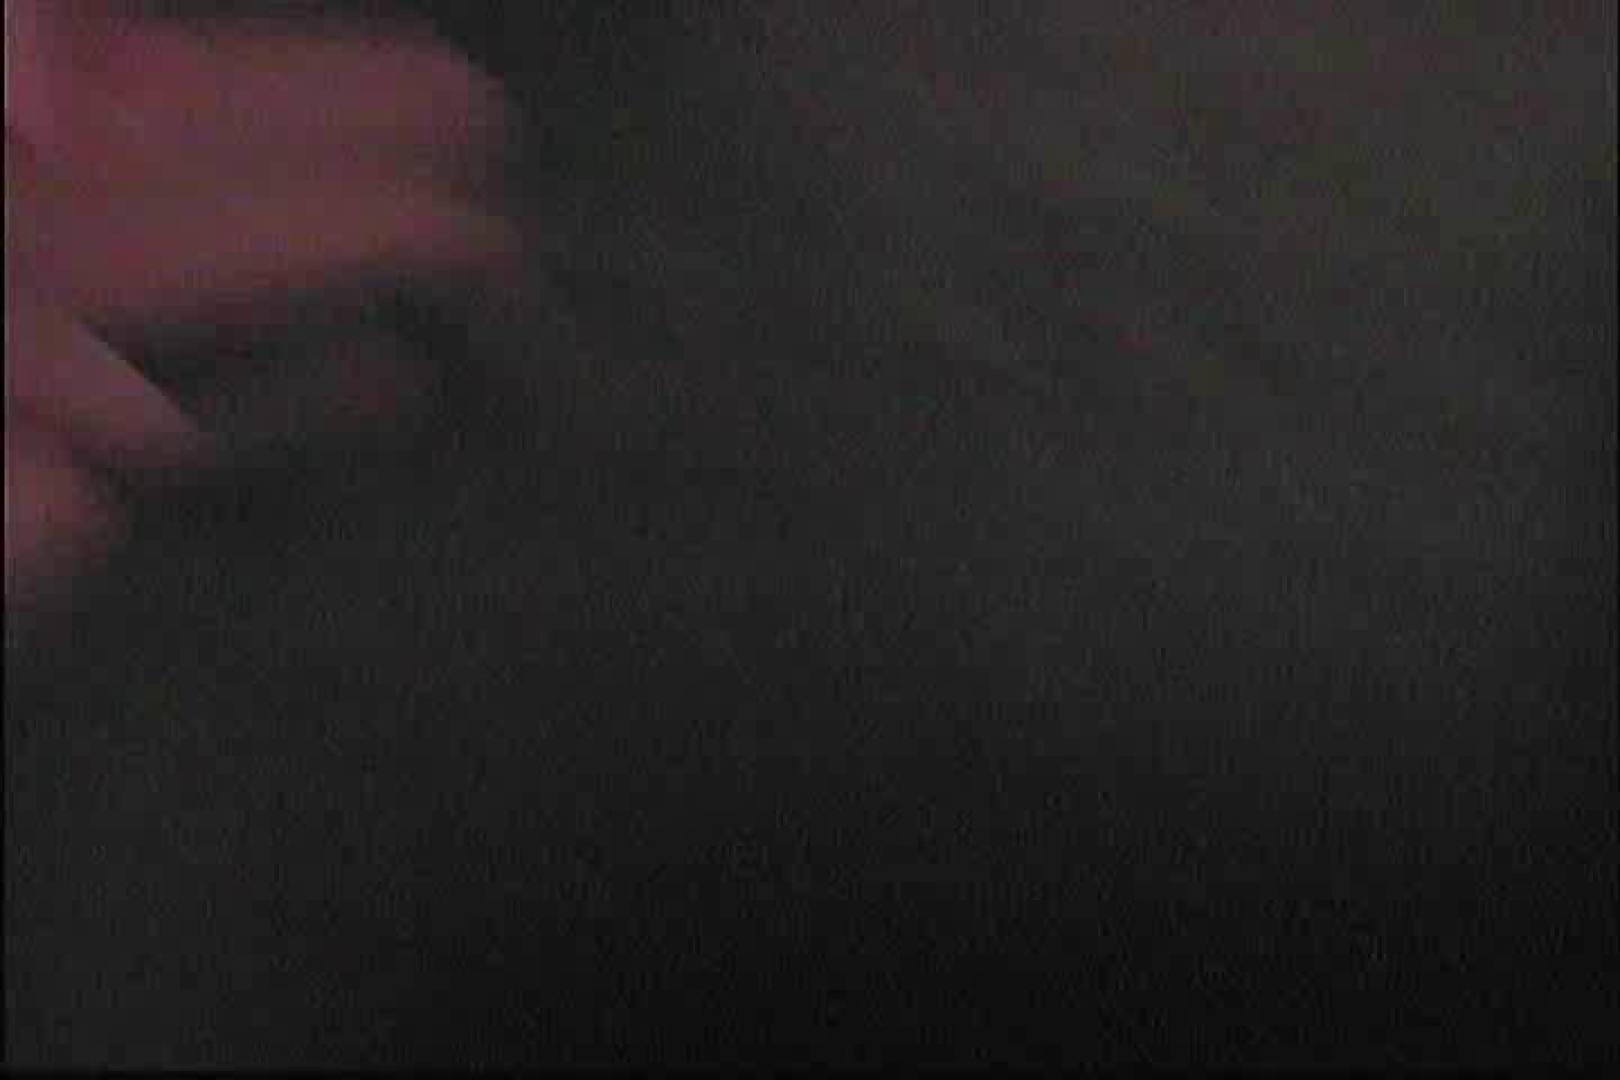 激撮!! 接写天井裏の刺客Vol.6 接写 | 美しいOLの裸体  103pic 65